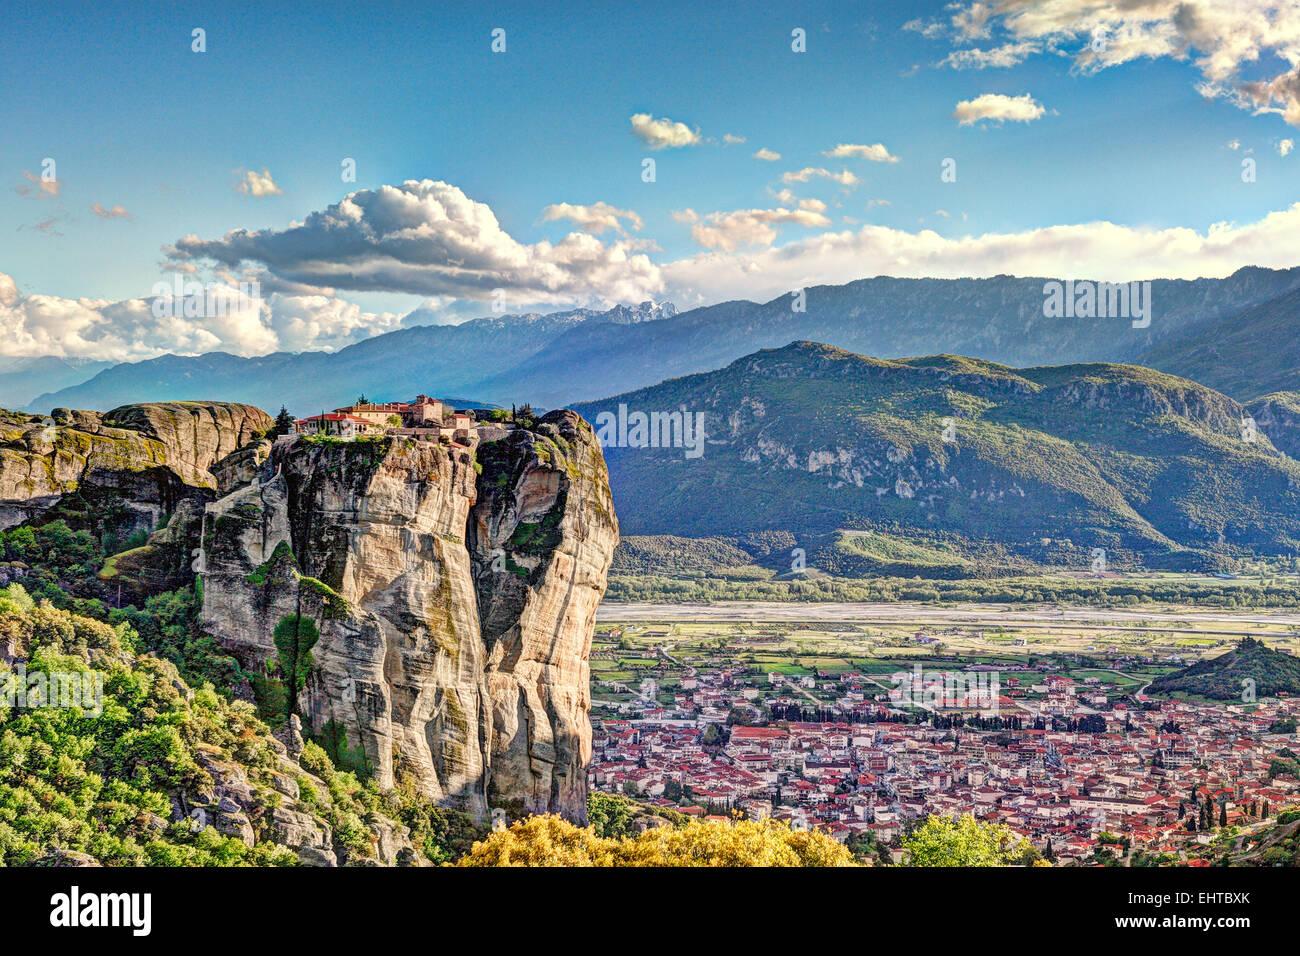 Monasterio de la Santísima Trinidad o el Monasterio de Agia Triada en el complejo de monasterios Meteora en Imagen De Stock